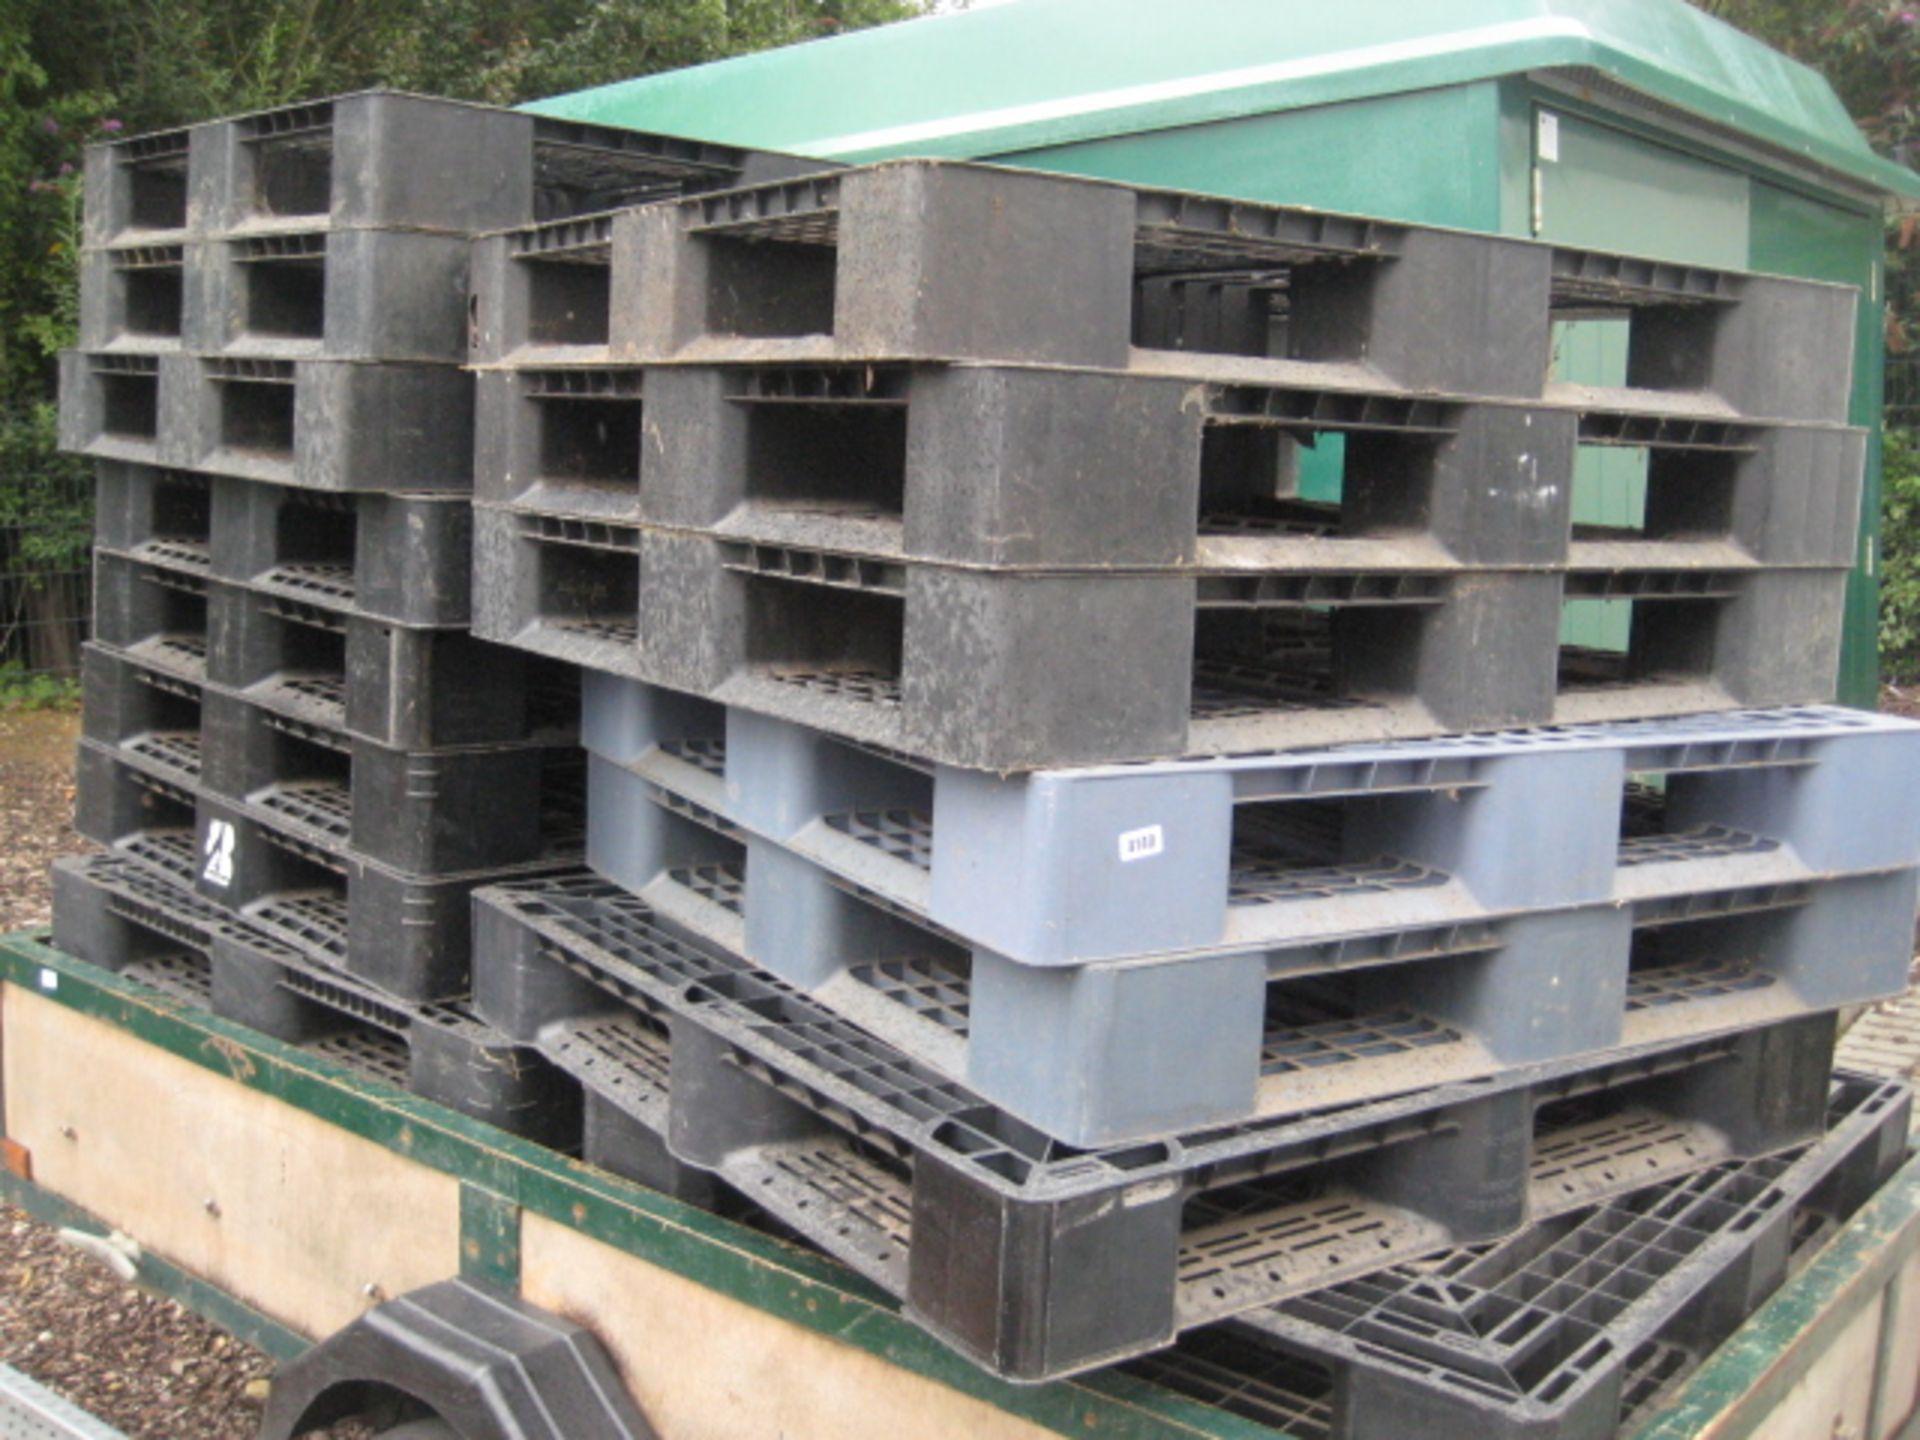 Lot 4140 - Quantity of black GRP plastic pallets